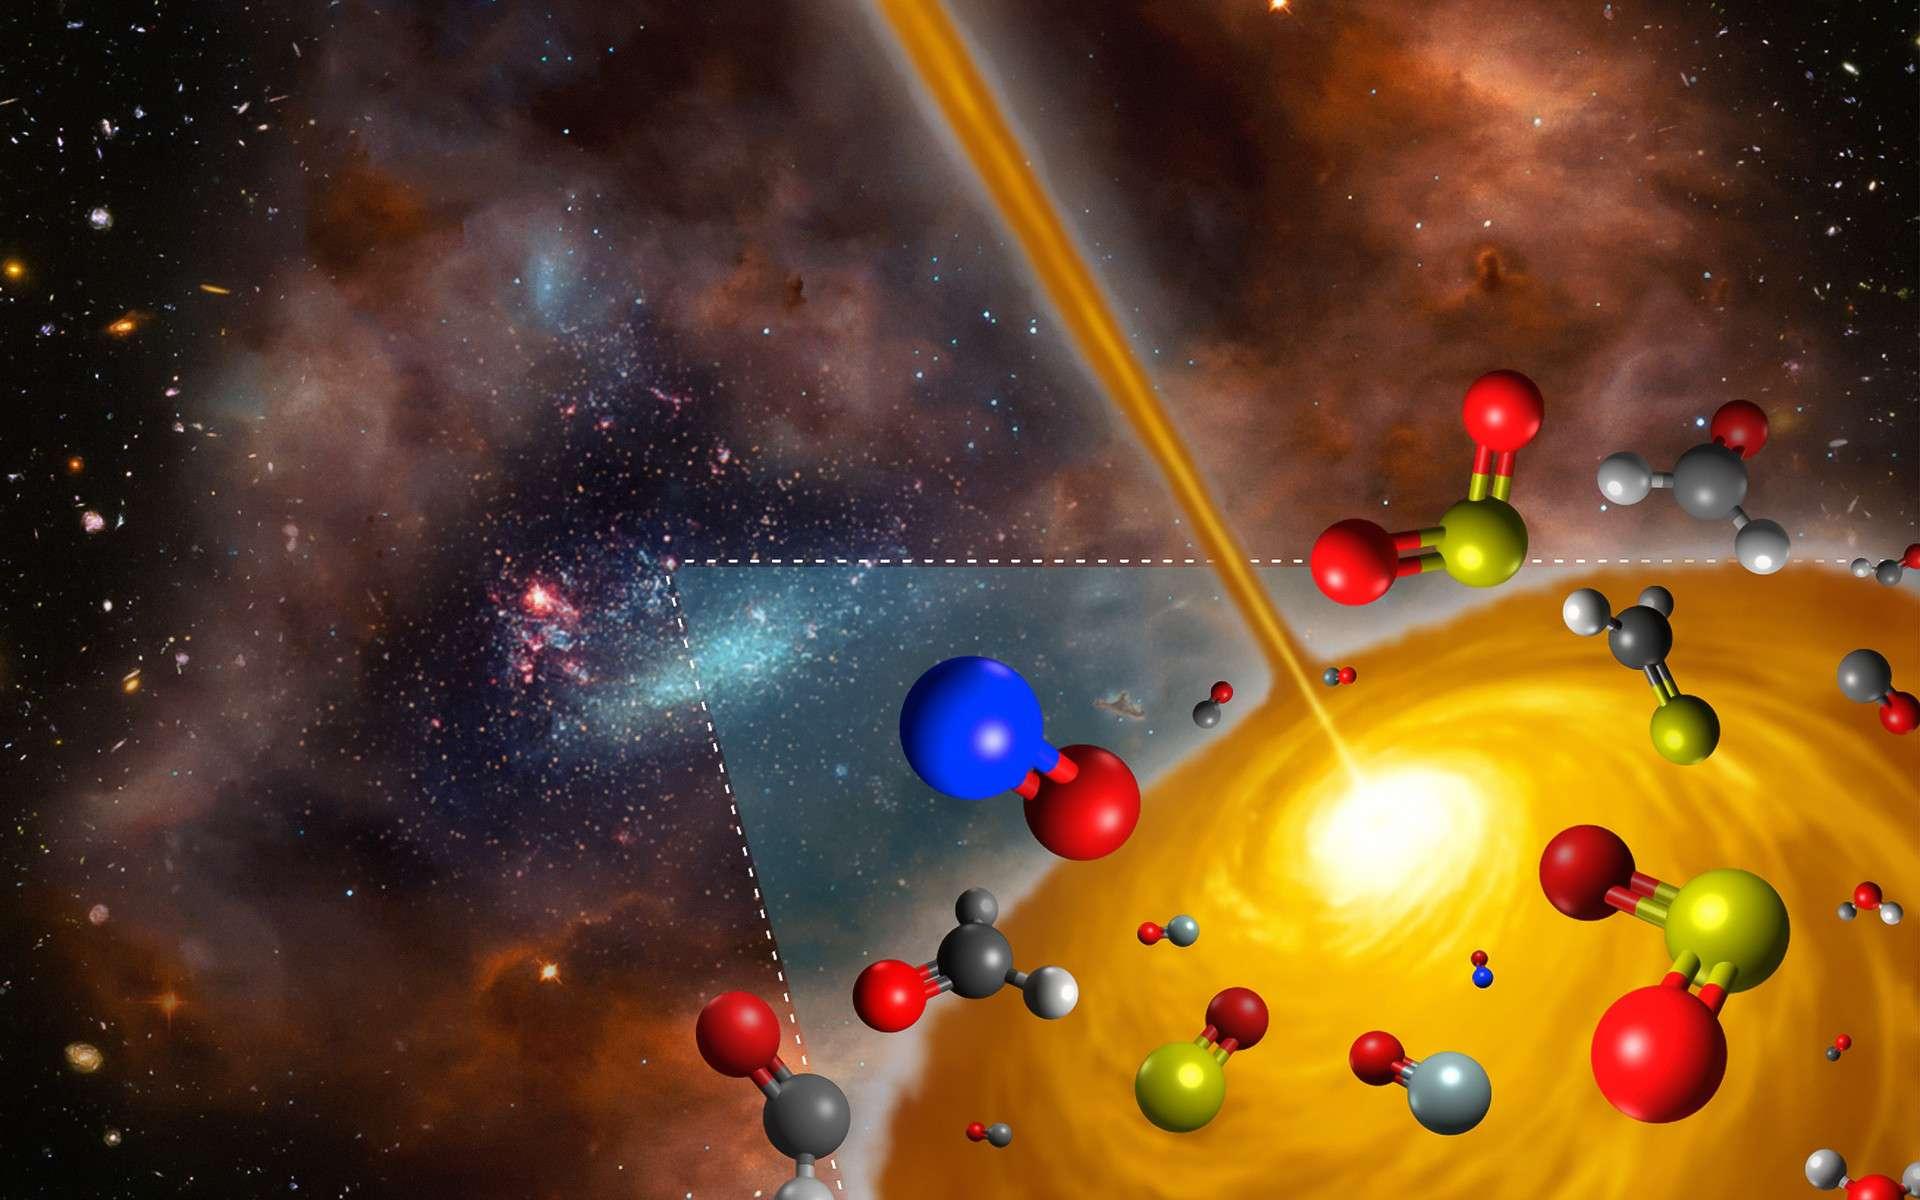 Sur cette vue d'artiste figurent les molécules détectées par Alma au sein d'un noyau moléculaire chaud du Grand Nuage de Magellan. Ce noyau est le tout premier objet de ce type découvert à l'extérieur de la Voie Lactée. Sa composition chimique diffère notablement de celle qui caractérise les semblables objets découverts dans notre galaxie. Cette image a été constituée à partir des sources suivantes : ESO/M. Kornmesser ; Nasa, ESA, S. Beckwith (STScI) et l'équipe de l'HUDF ; Nasa/ESA et l'équipe en charge des archives d'Hubble (AURA/STScI)/HEI. © ESO, FRIS, Tohoku University